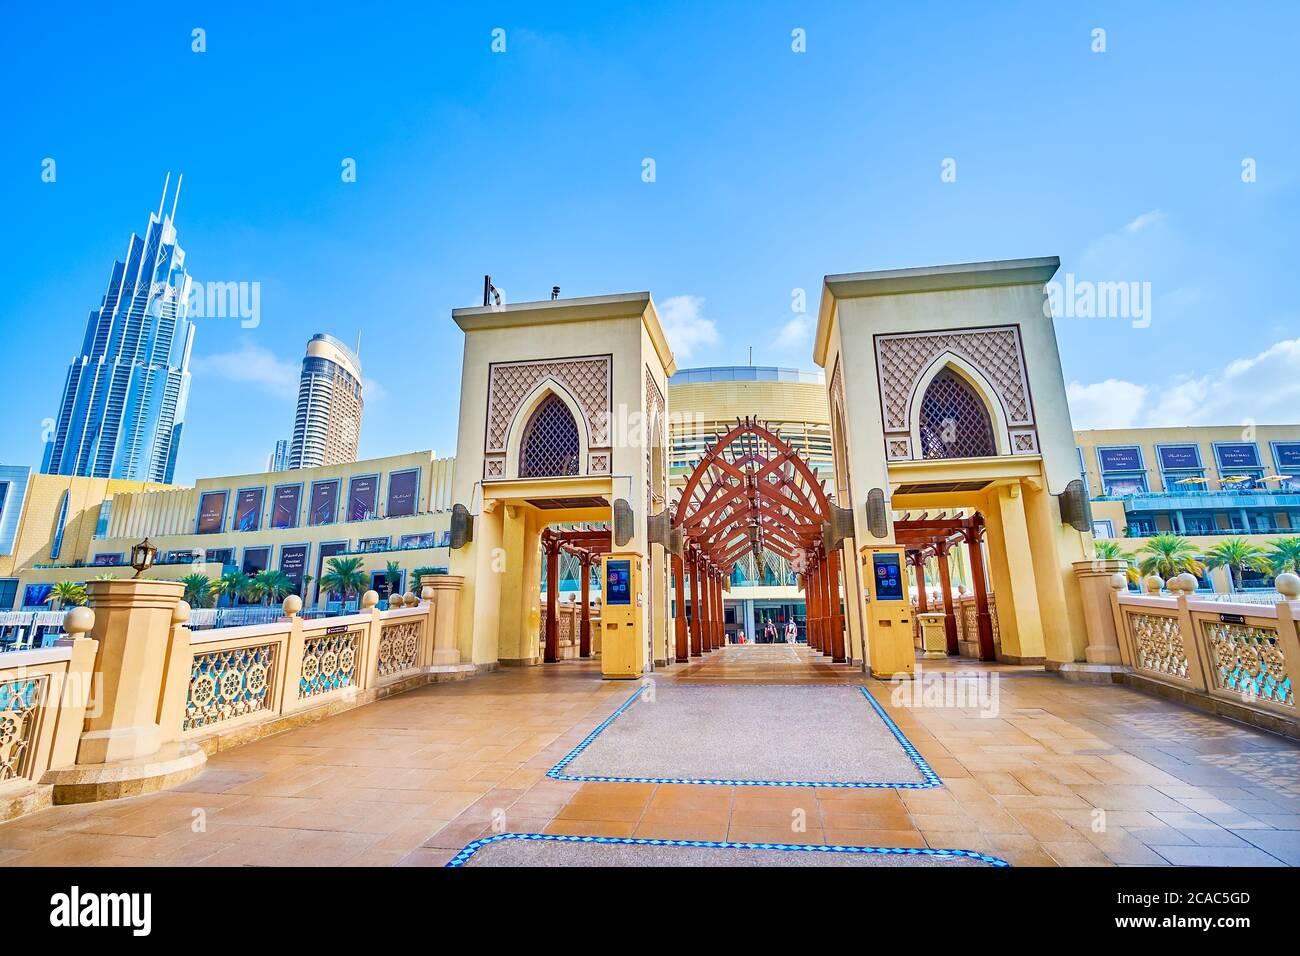 DUBAI, EAU - 3 DE MARZO de 2020: Puente al Bahar sobre el lago Burj Khalifa es la construcción moderna hecha en estilo árabe tradicional y situada en la hea Foto de stock